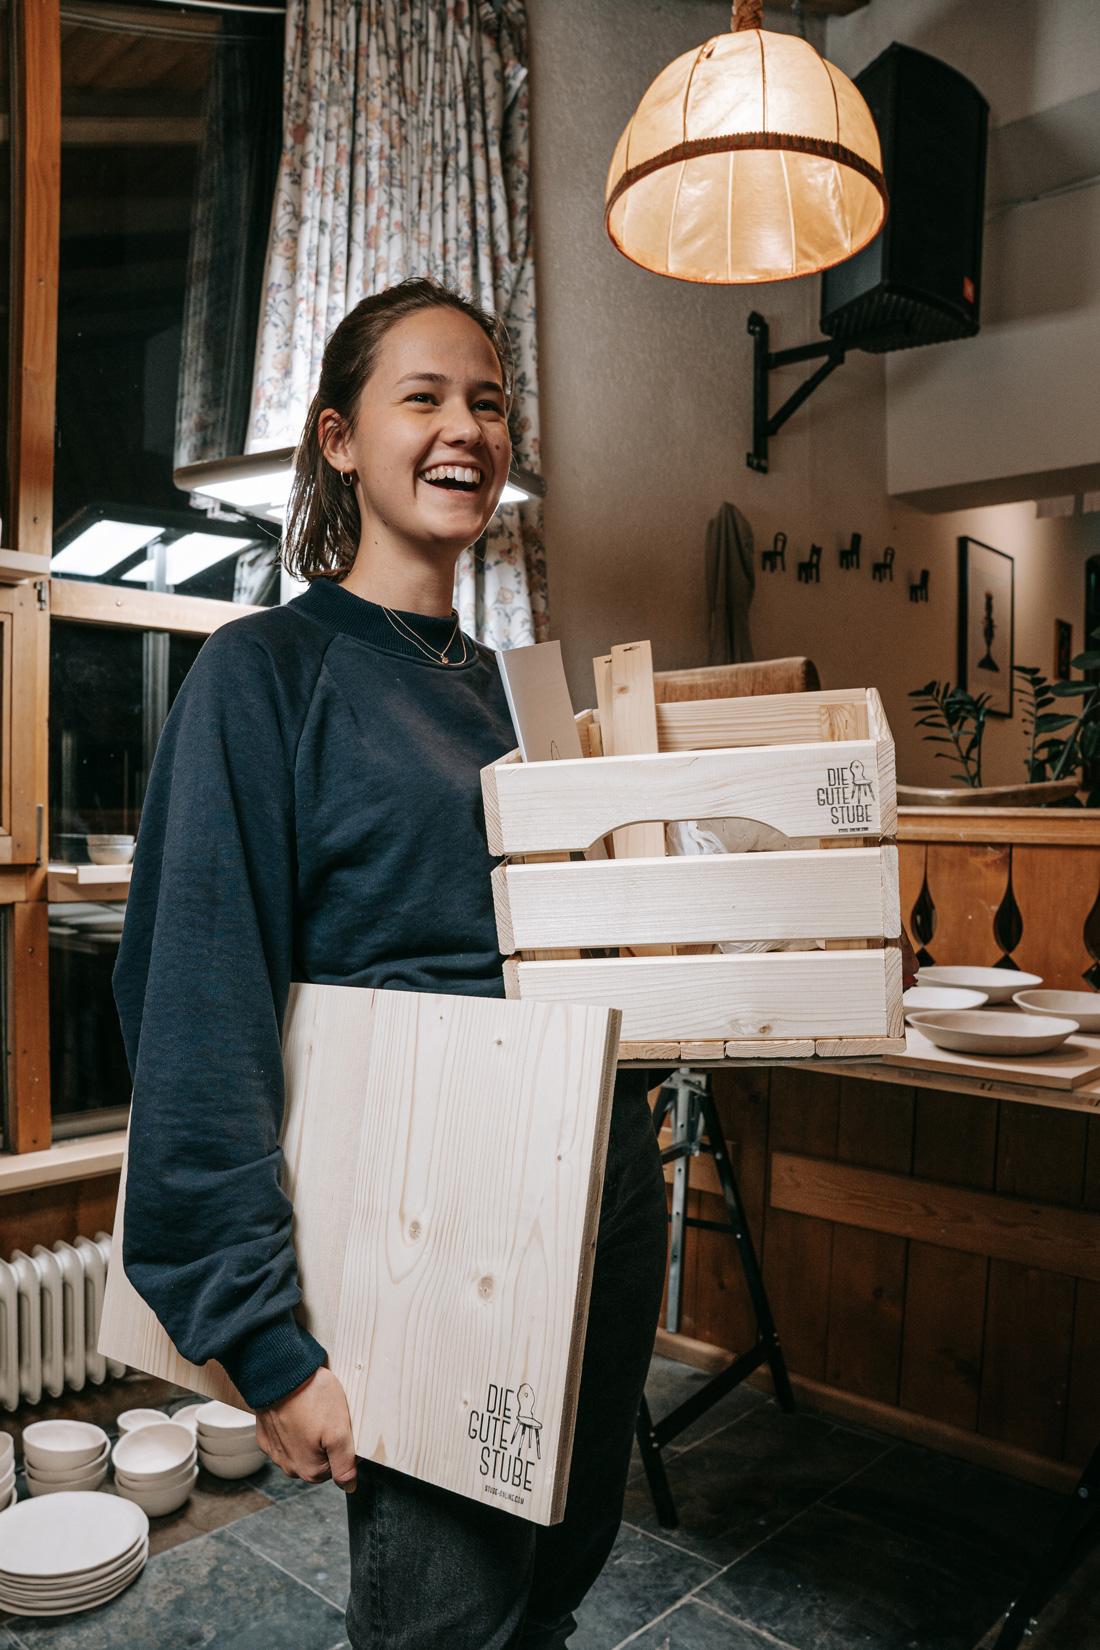 Pia freut sich über ihr erstes Keramik Kit aus der Guten Stube Andelsbuch.